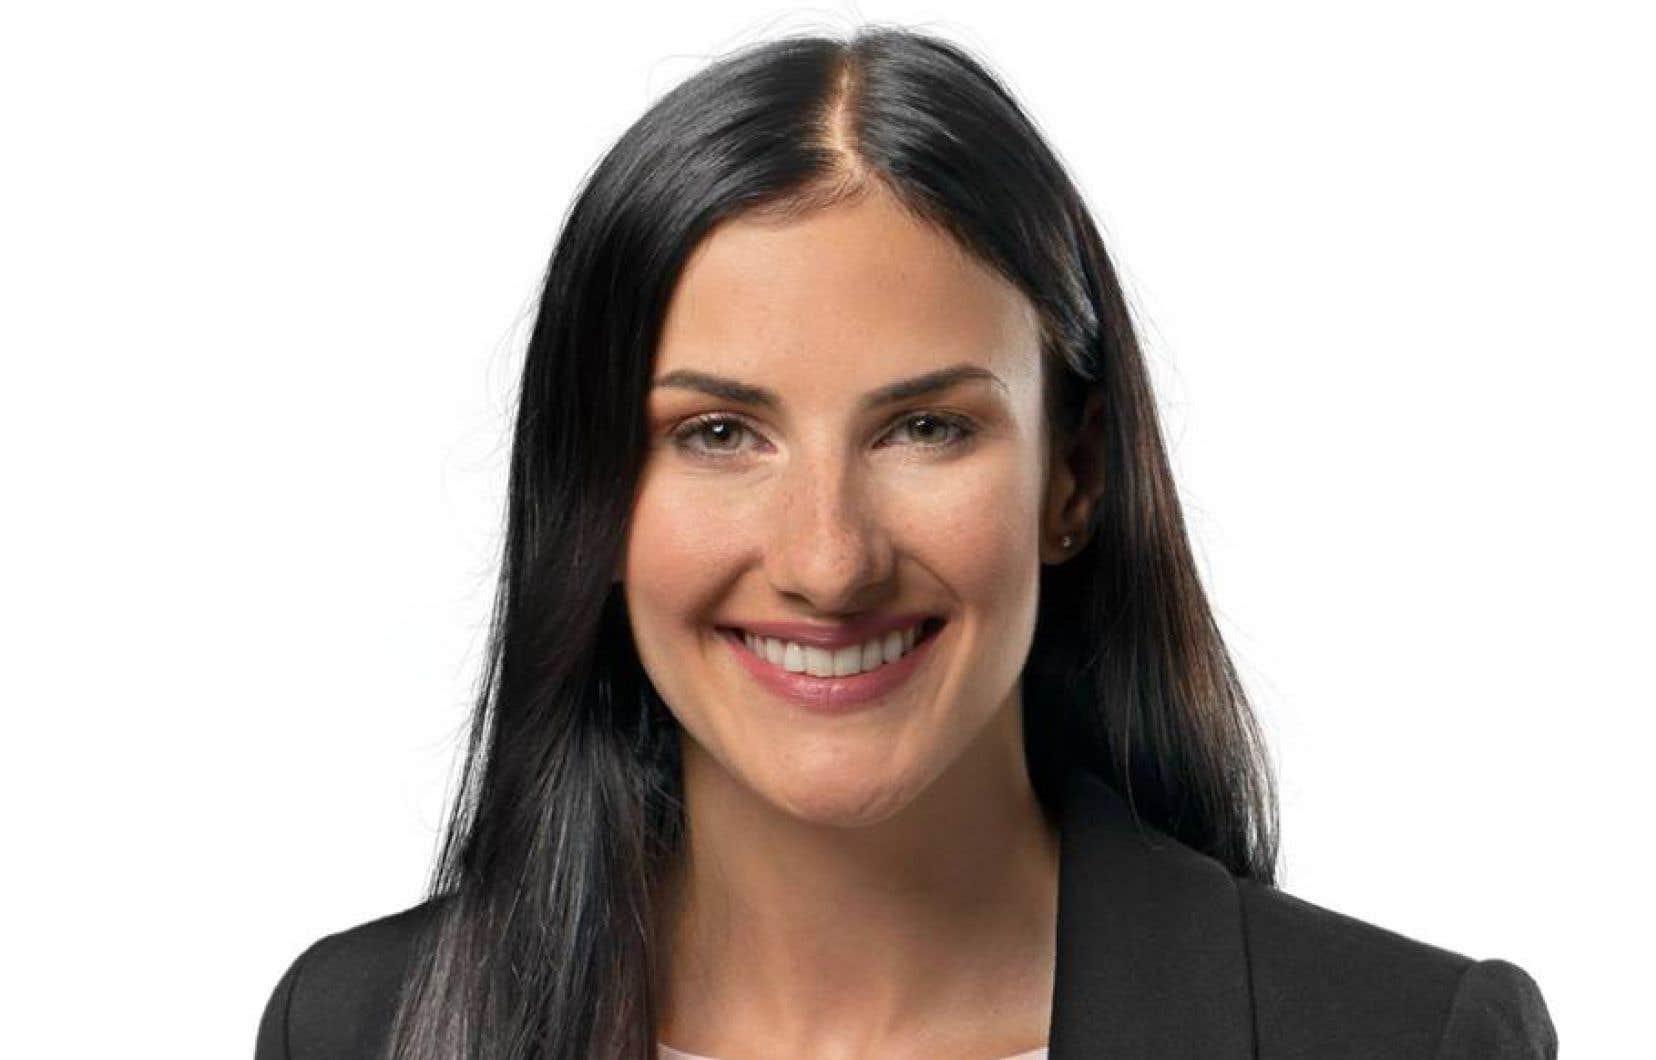 Méganne Perry Mélançon est la nouvelle députée de la circonscription qui avait été attribuée dans un premier temps au Parti libéral du Québec.